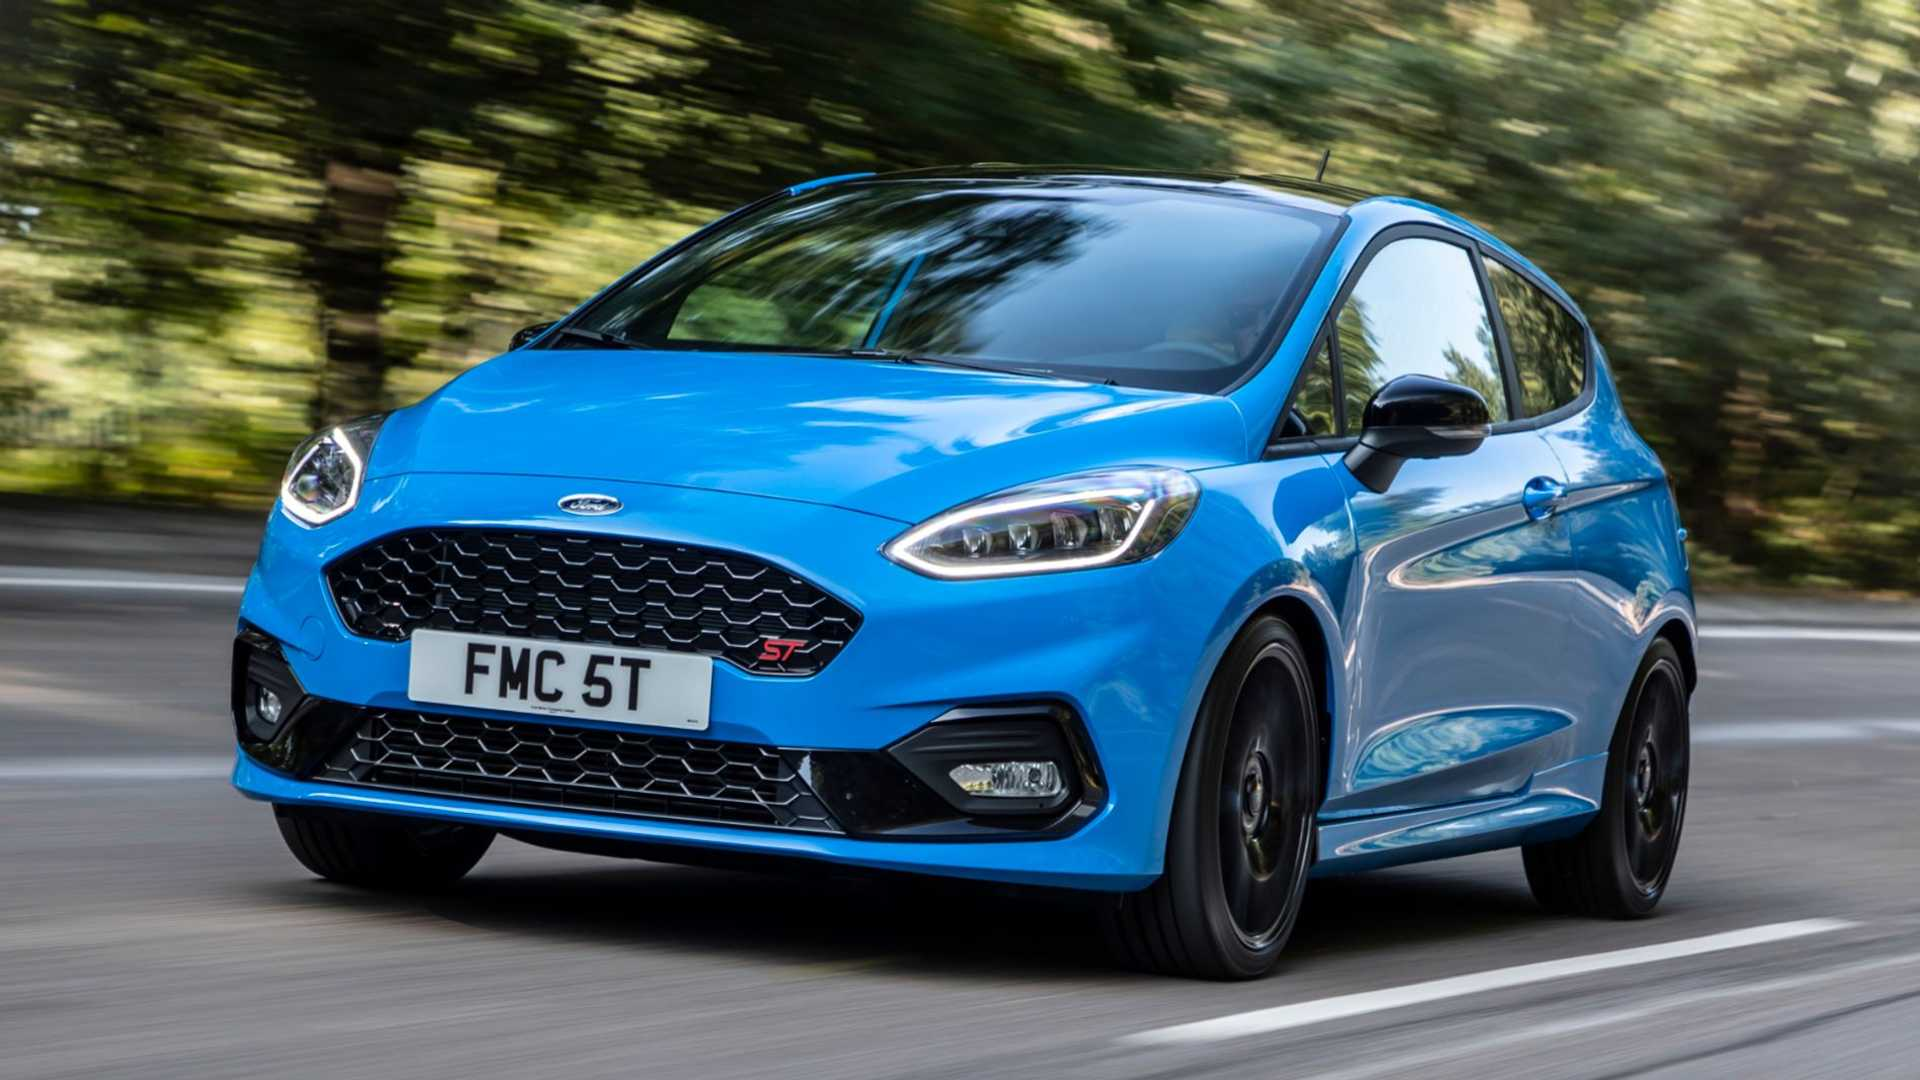 Prix Ford Fiesta (2020) : tarifs en hausse sur toutes les versions